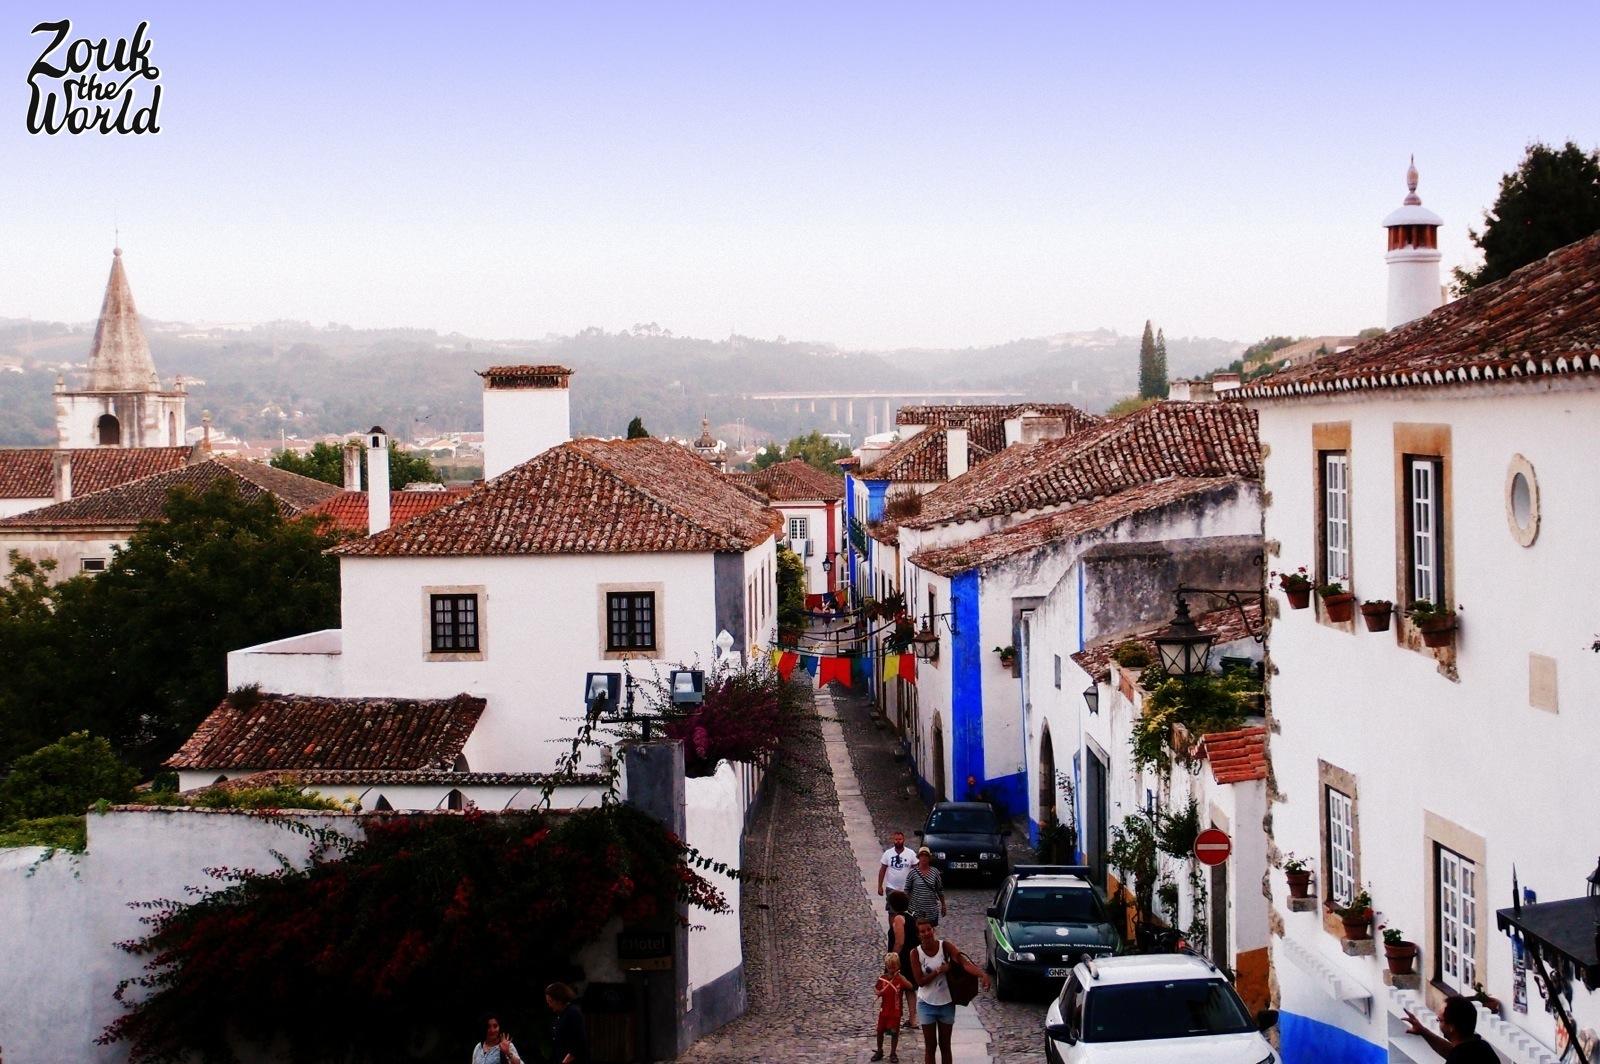 Óbidos